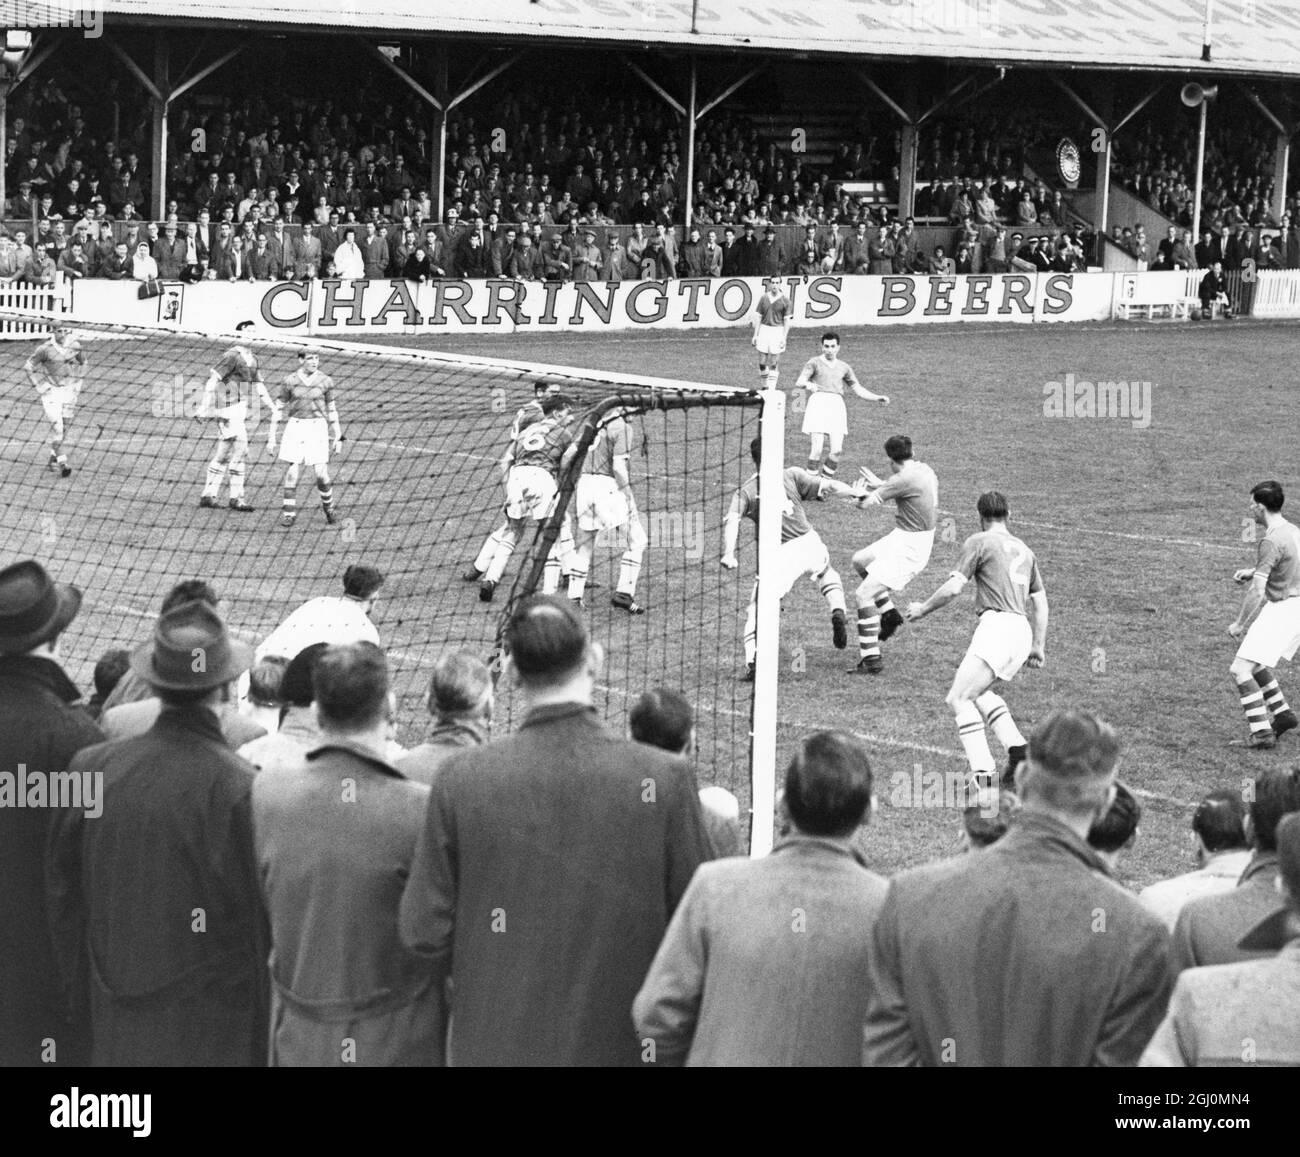 Northfleet y Gravesend versus Bedford : Juega delante del gol de Bedford en la primera mitad . 25 de agosto de 1958 Foto de stock